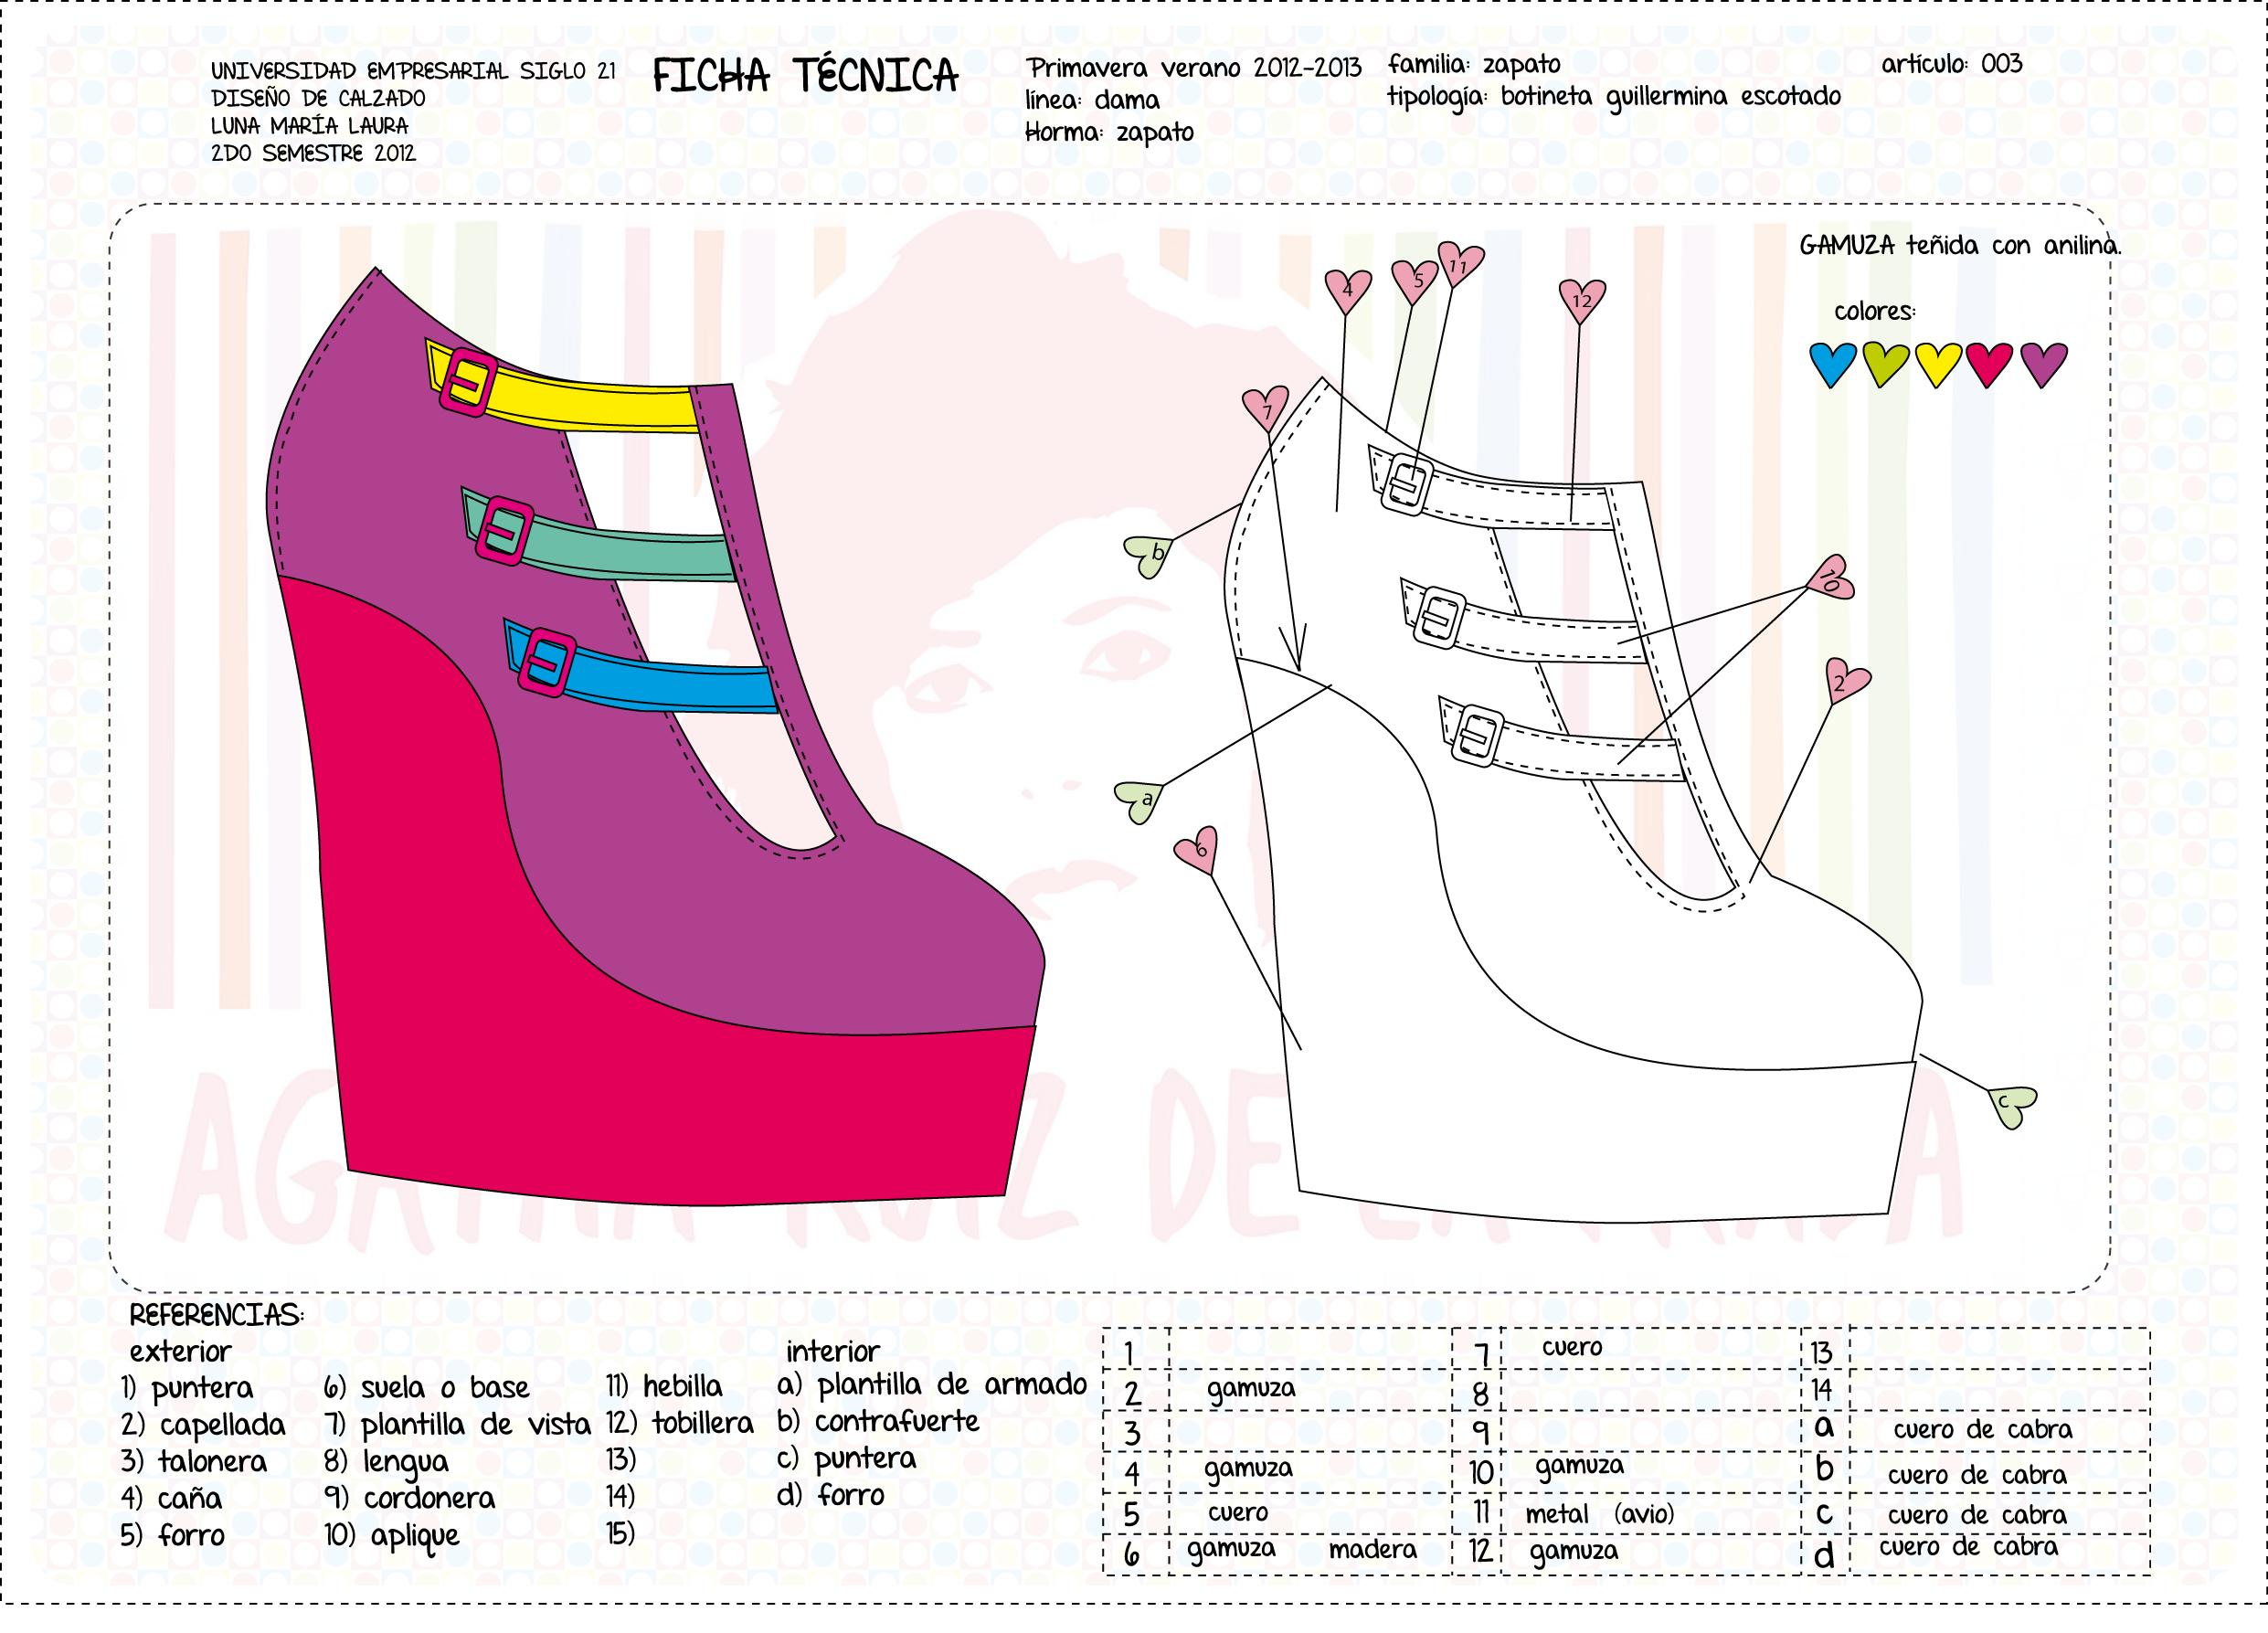 a82078a9 Diseño de Calzado - ficha técnica - Agatha Ruiz de la prada ...